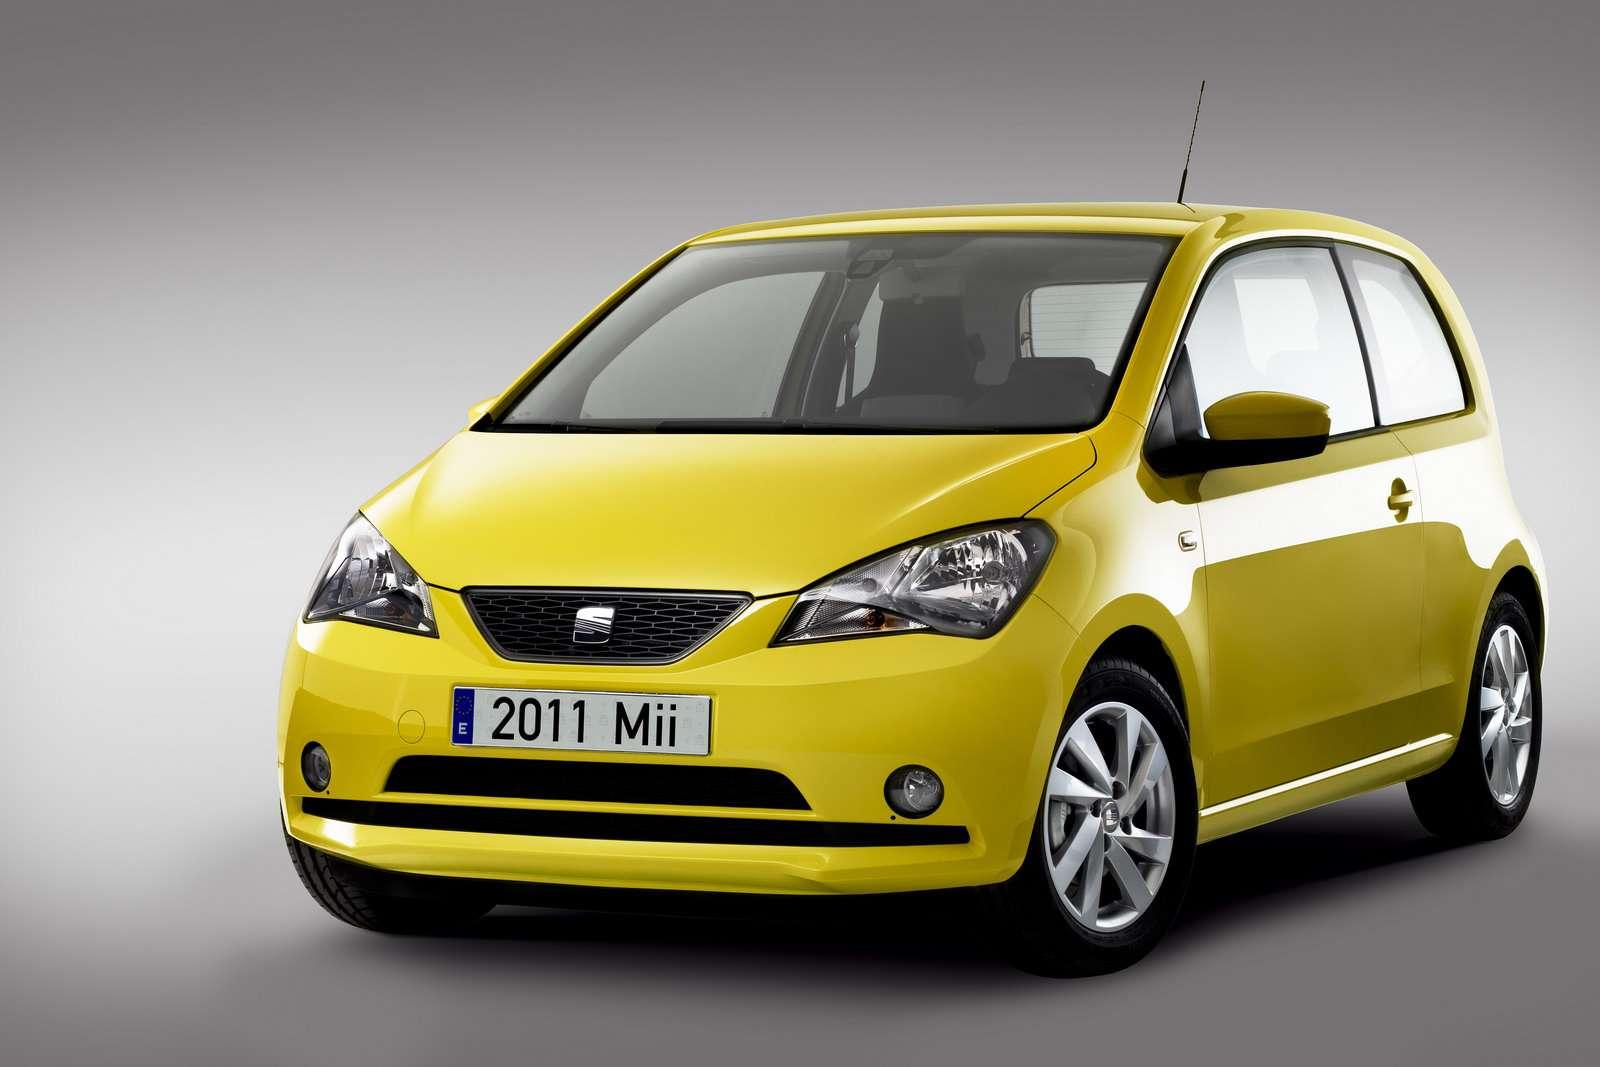 Seat Mii new car photo pazdziernik 2011